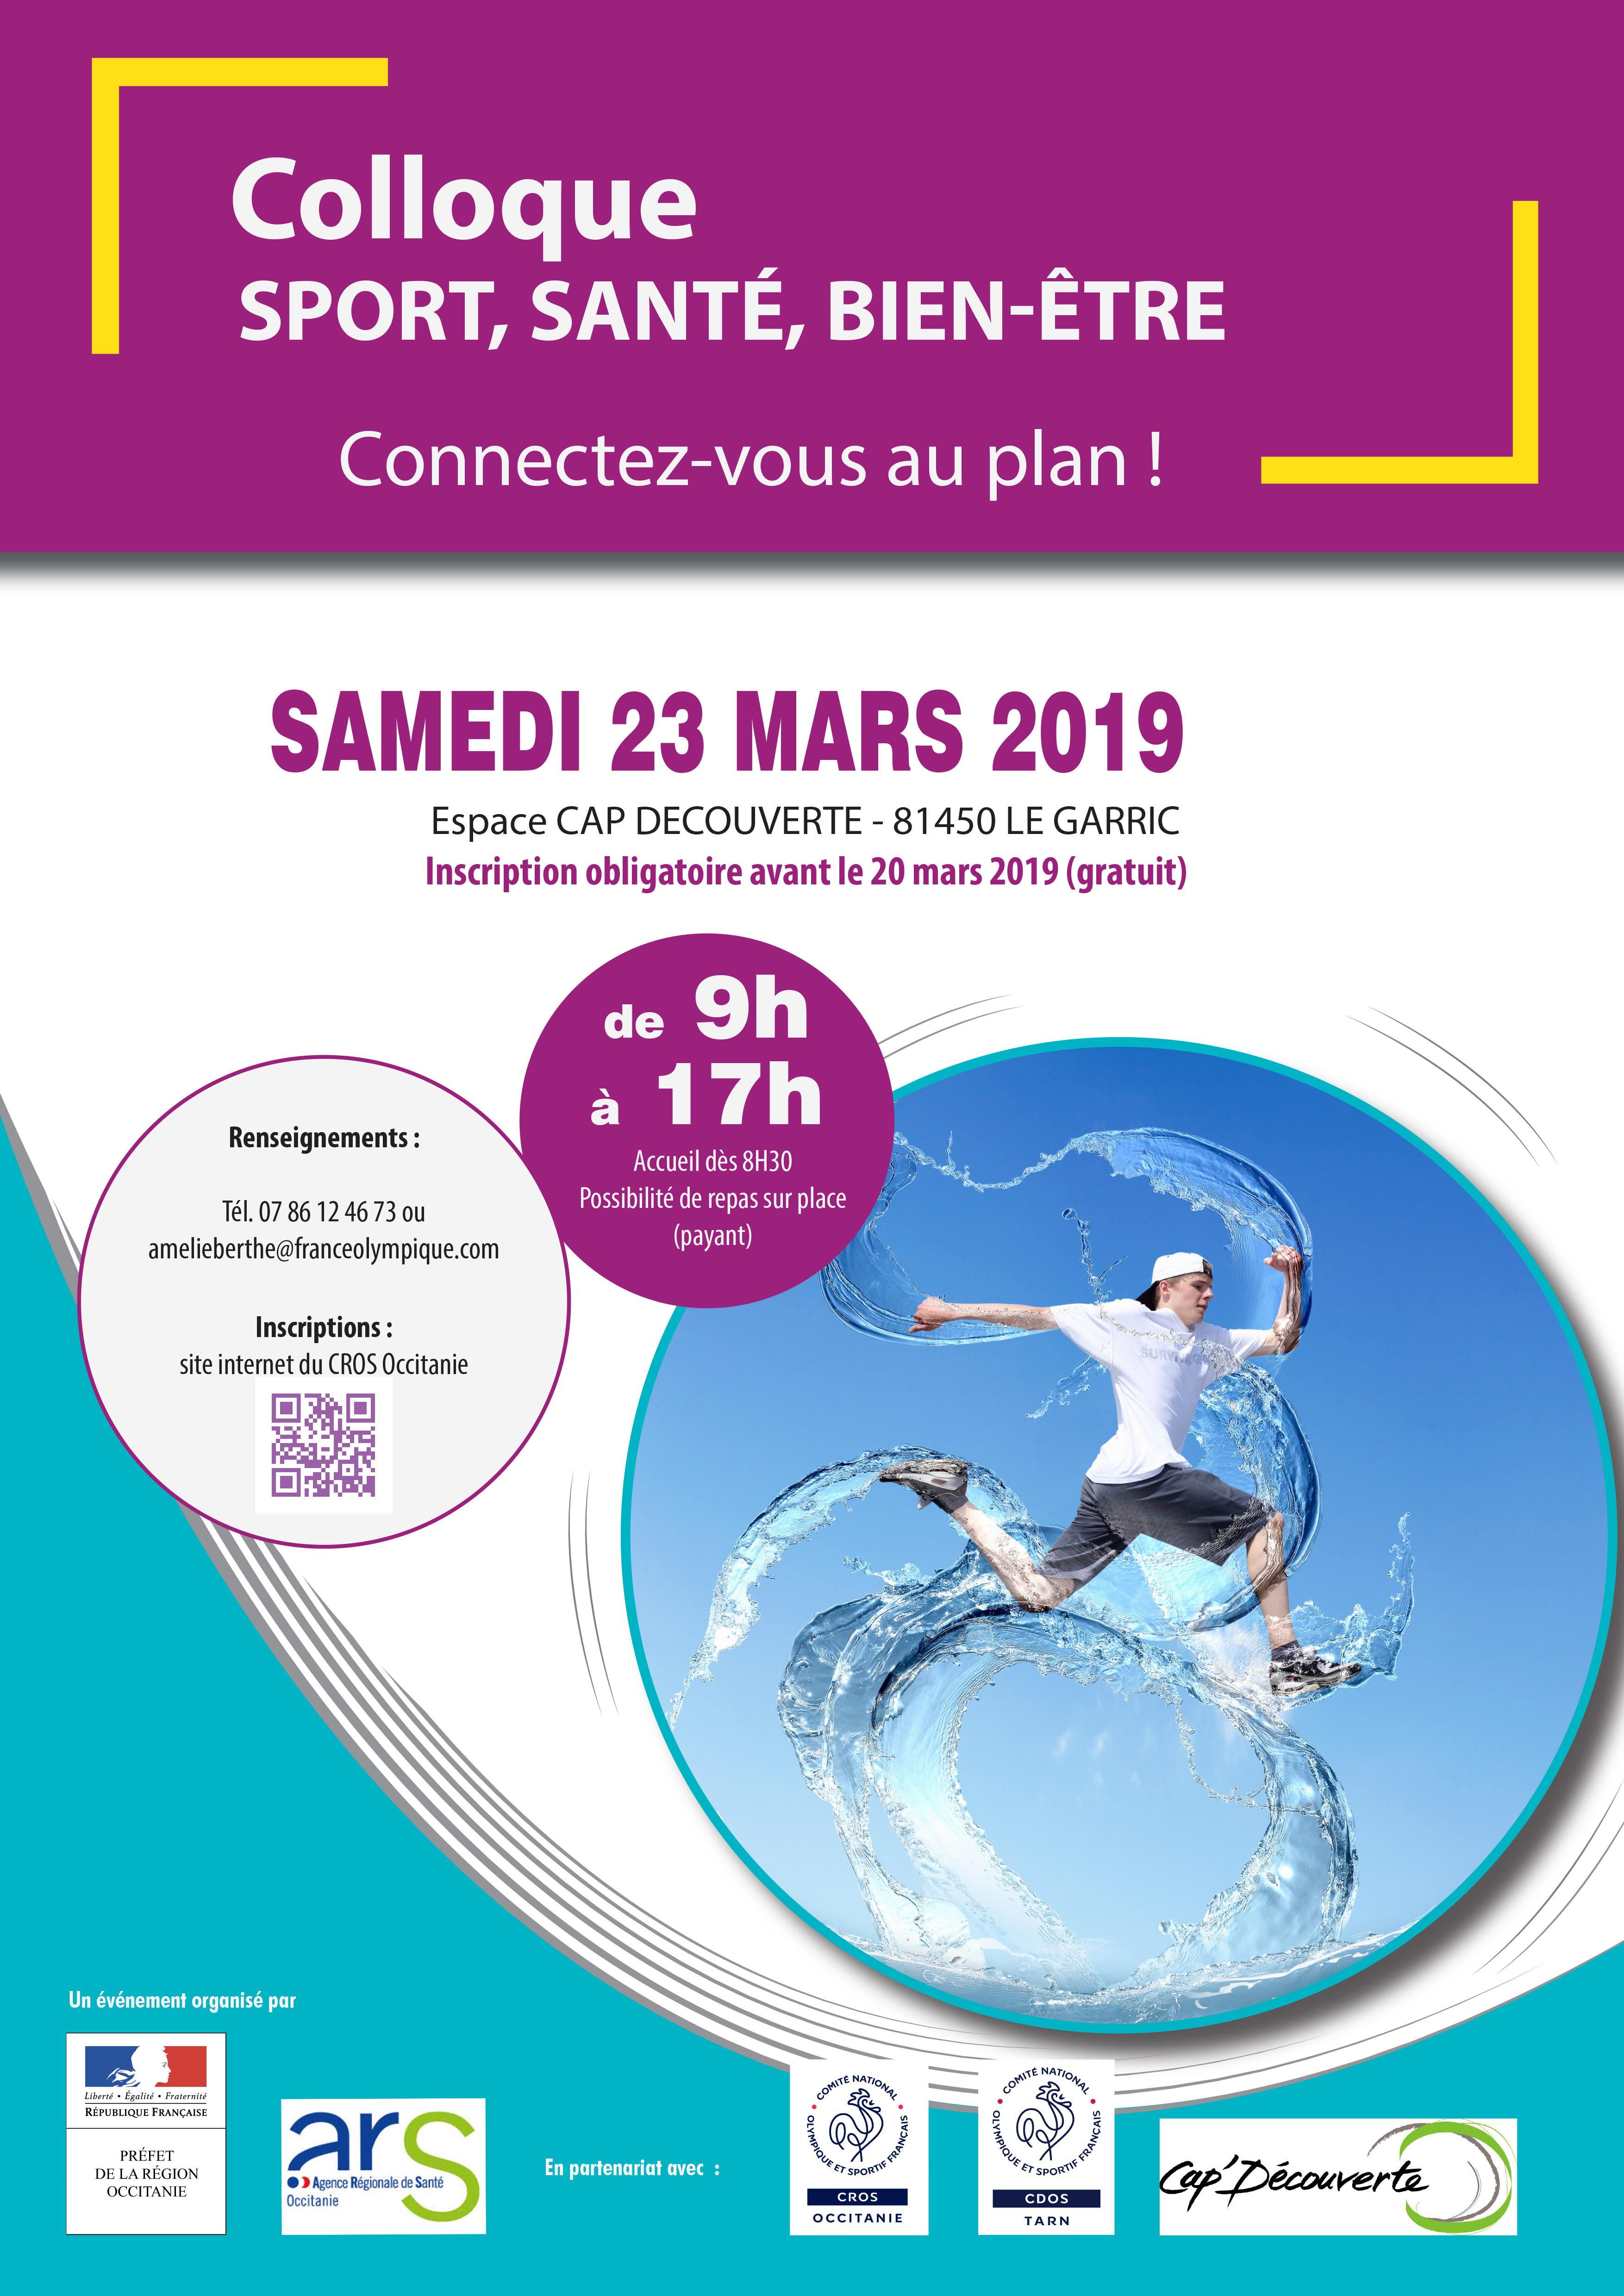 le « Colloque Sport Santé Bien Etre, connectez-vous au plan » se déroulera le Samedi 23 Mars 2019, de 9h à 17h, à l'espace CAP DECOUVERTE – 81 450 LE GARRIC.